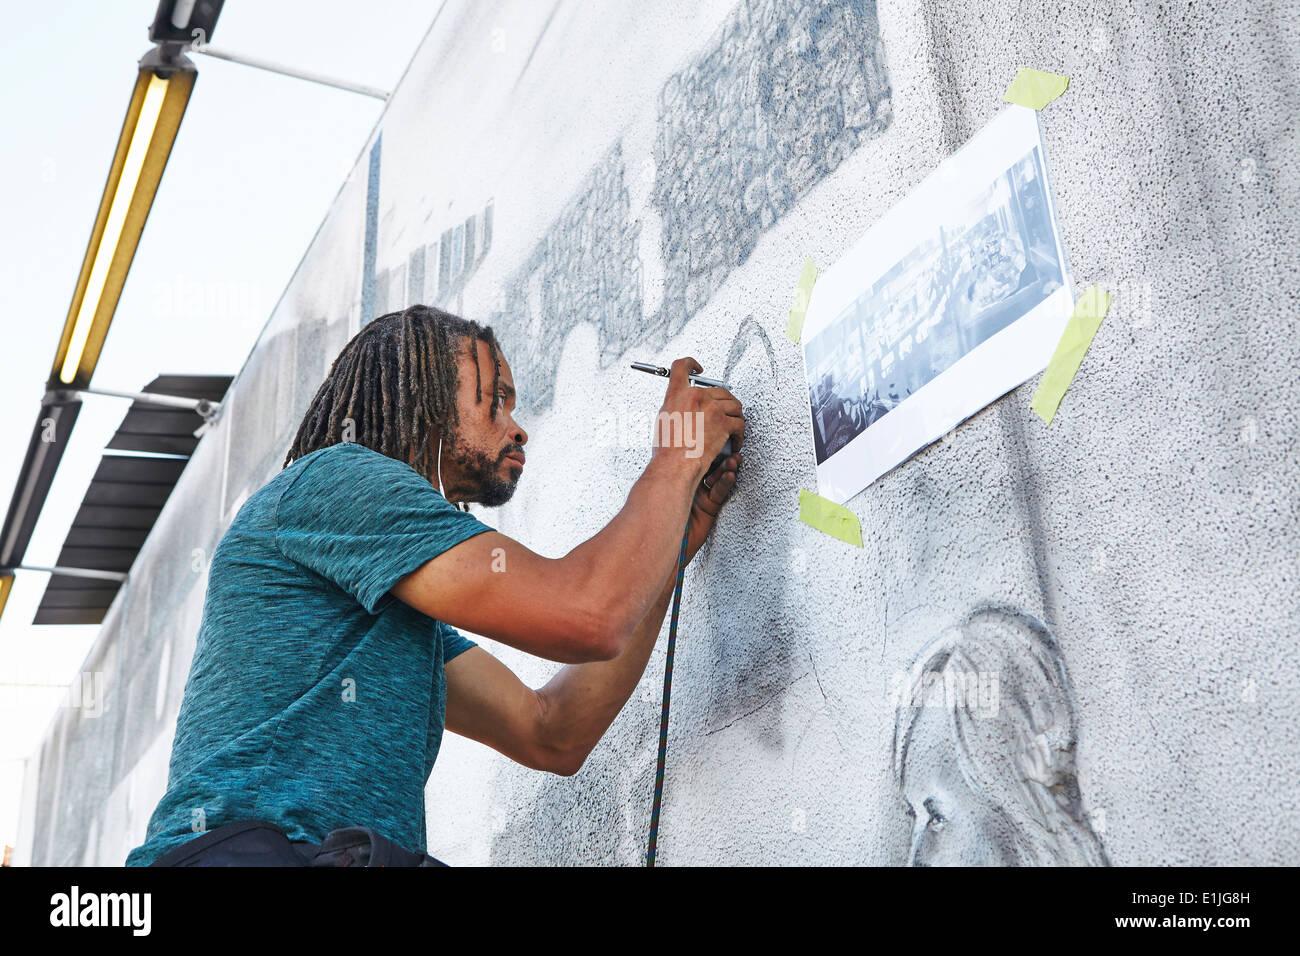 Hombres afroamericanos artista aerógrafo pintura mural Imagen De Stock